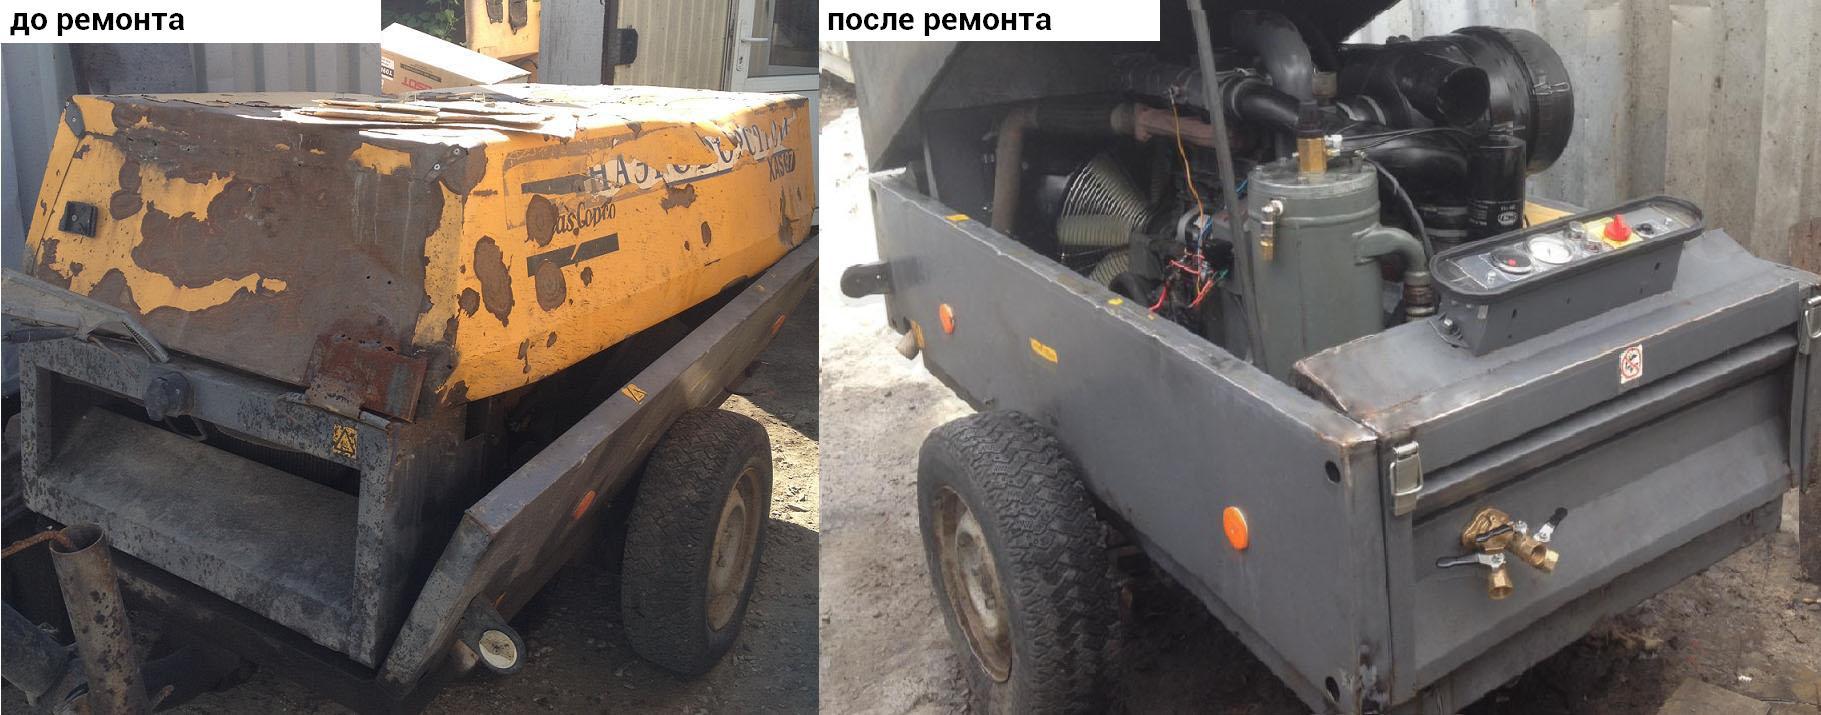 капитальный ремонт передвижного компрессора фото 1